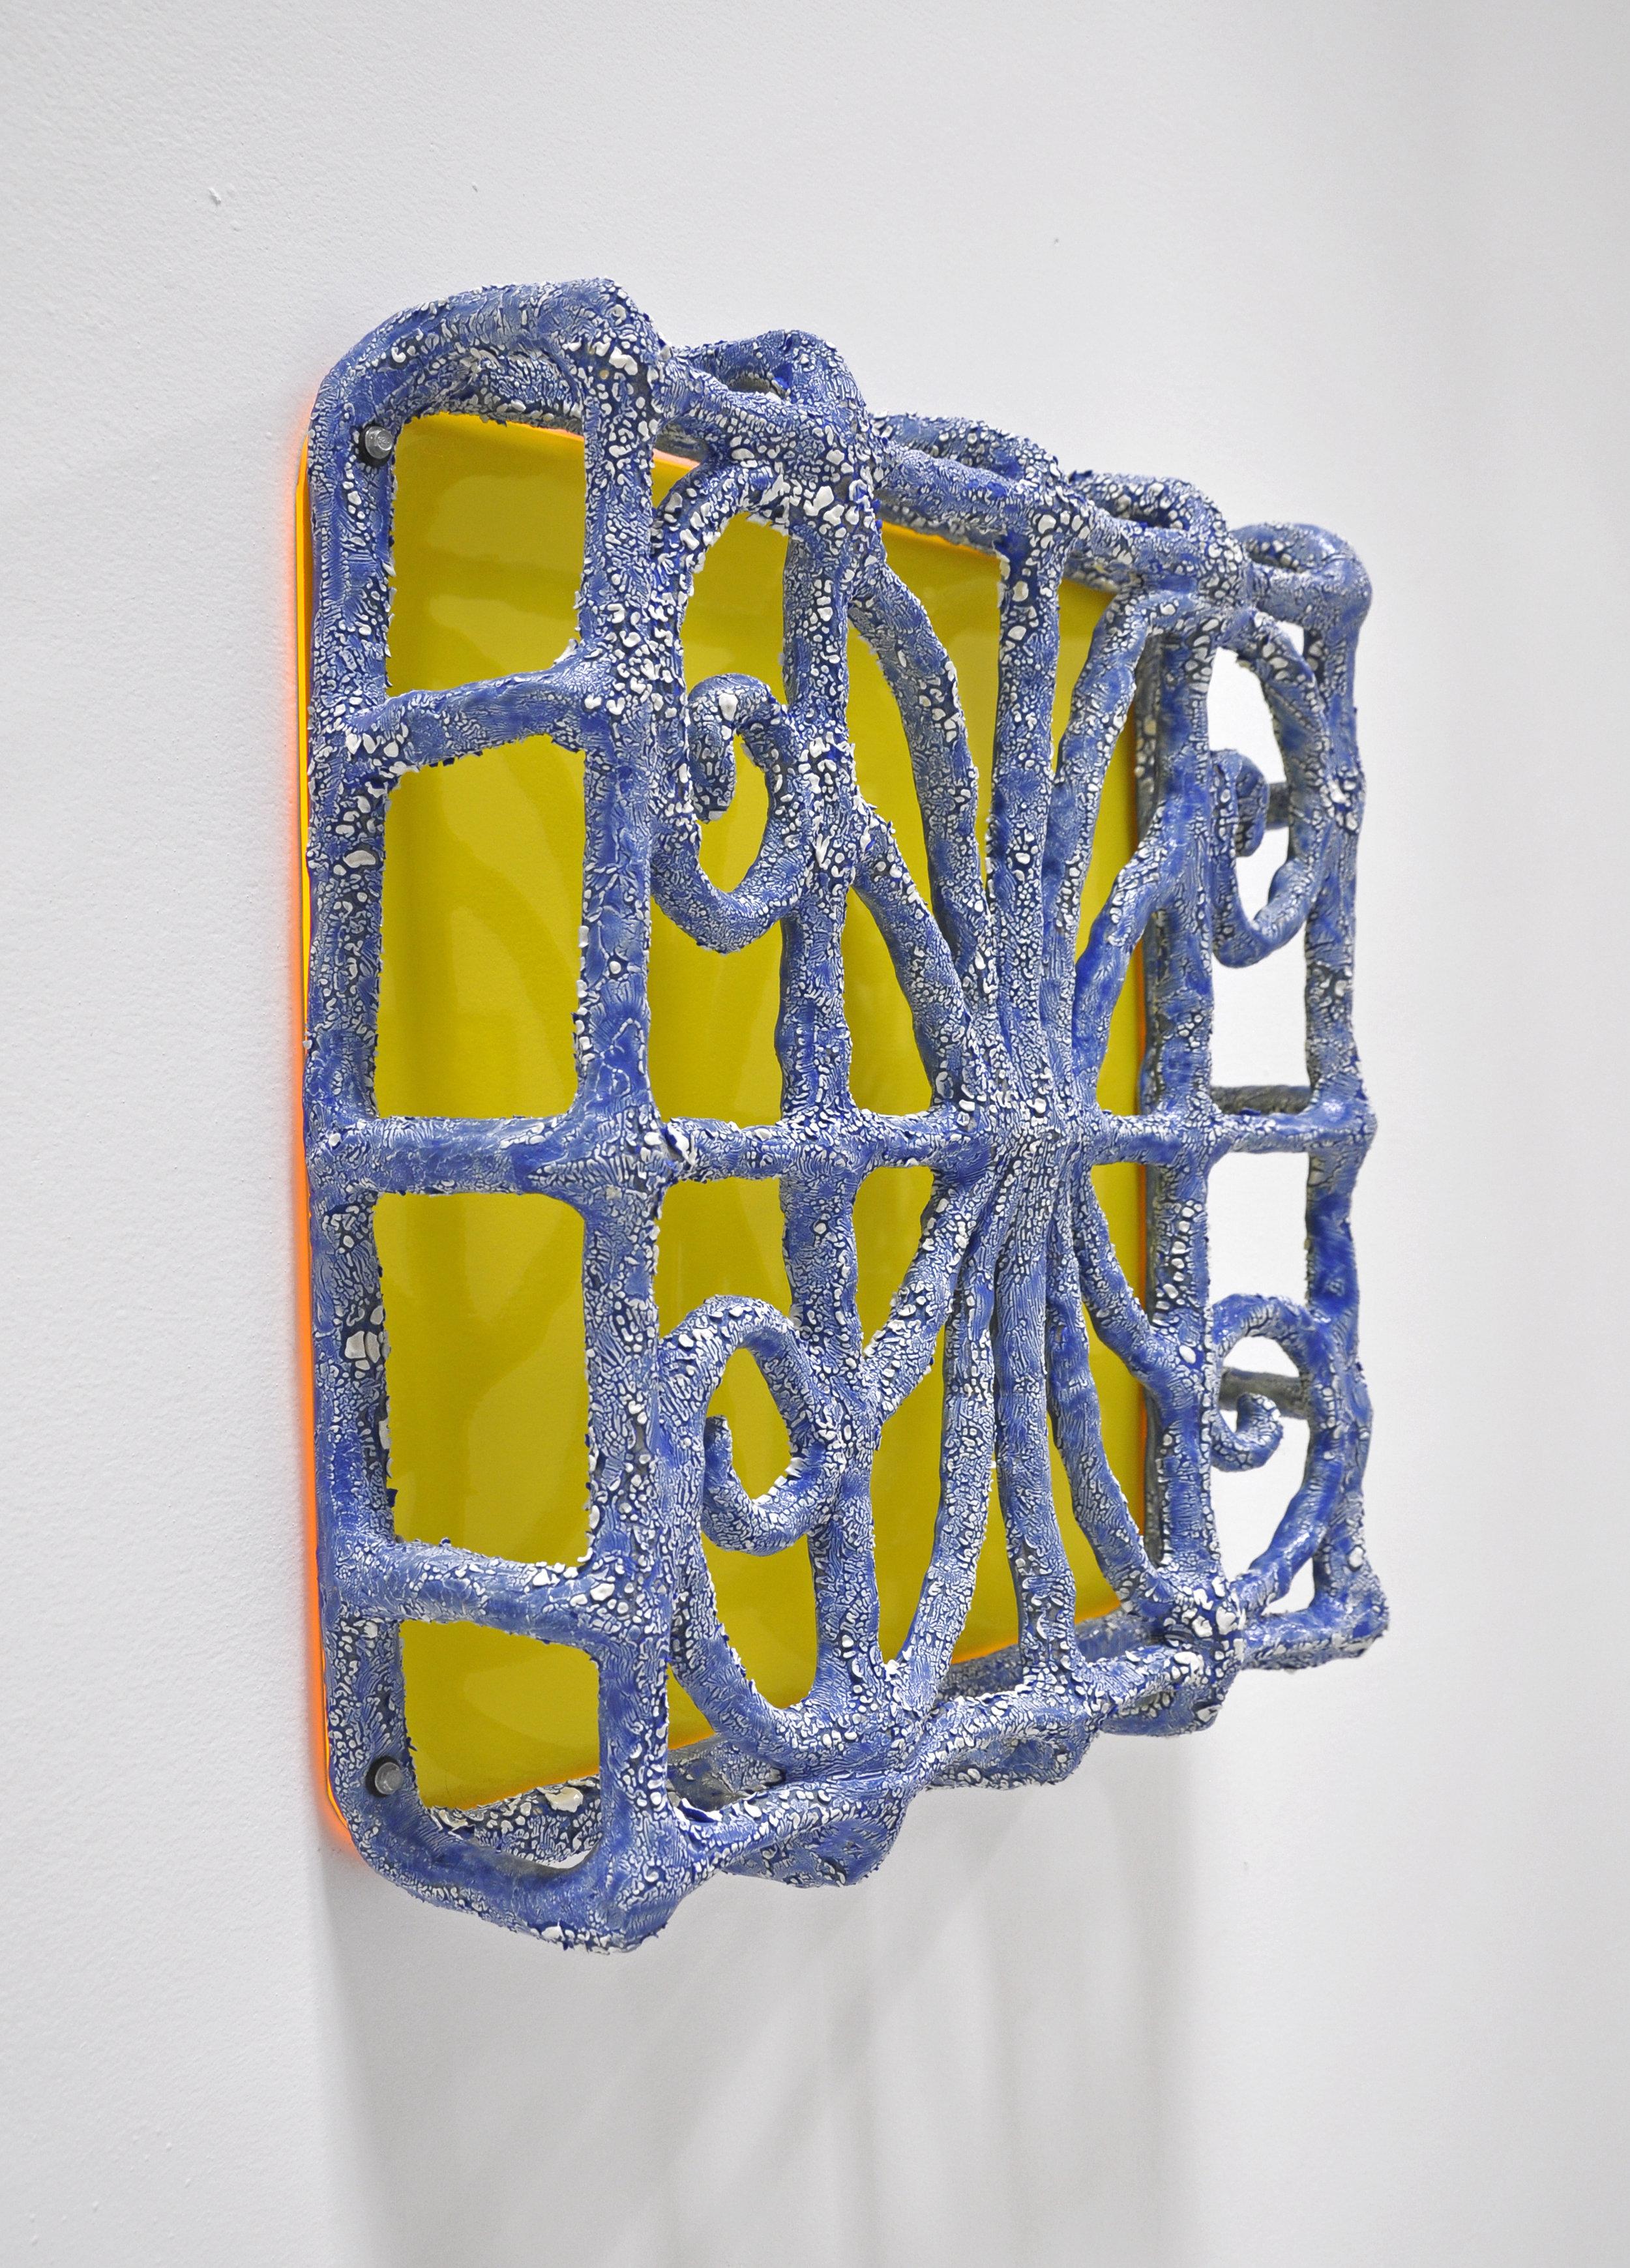 """""""ISOLATIONISM I"""", Glazed ceramic and plexiglass, 20 x 5 x 19 in, 2019"""